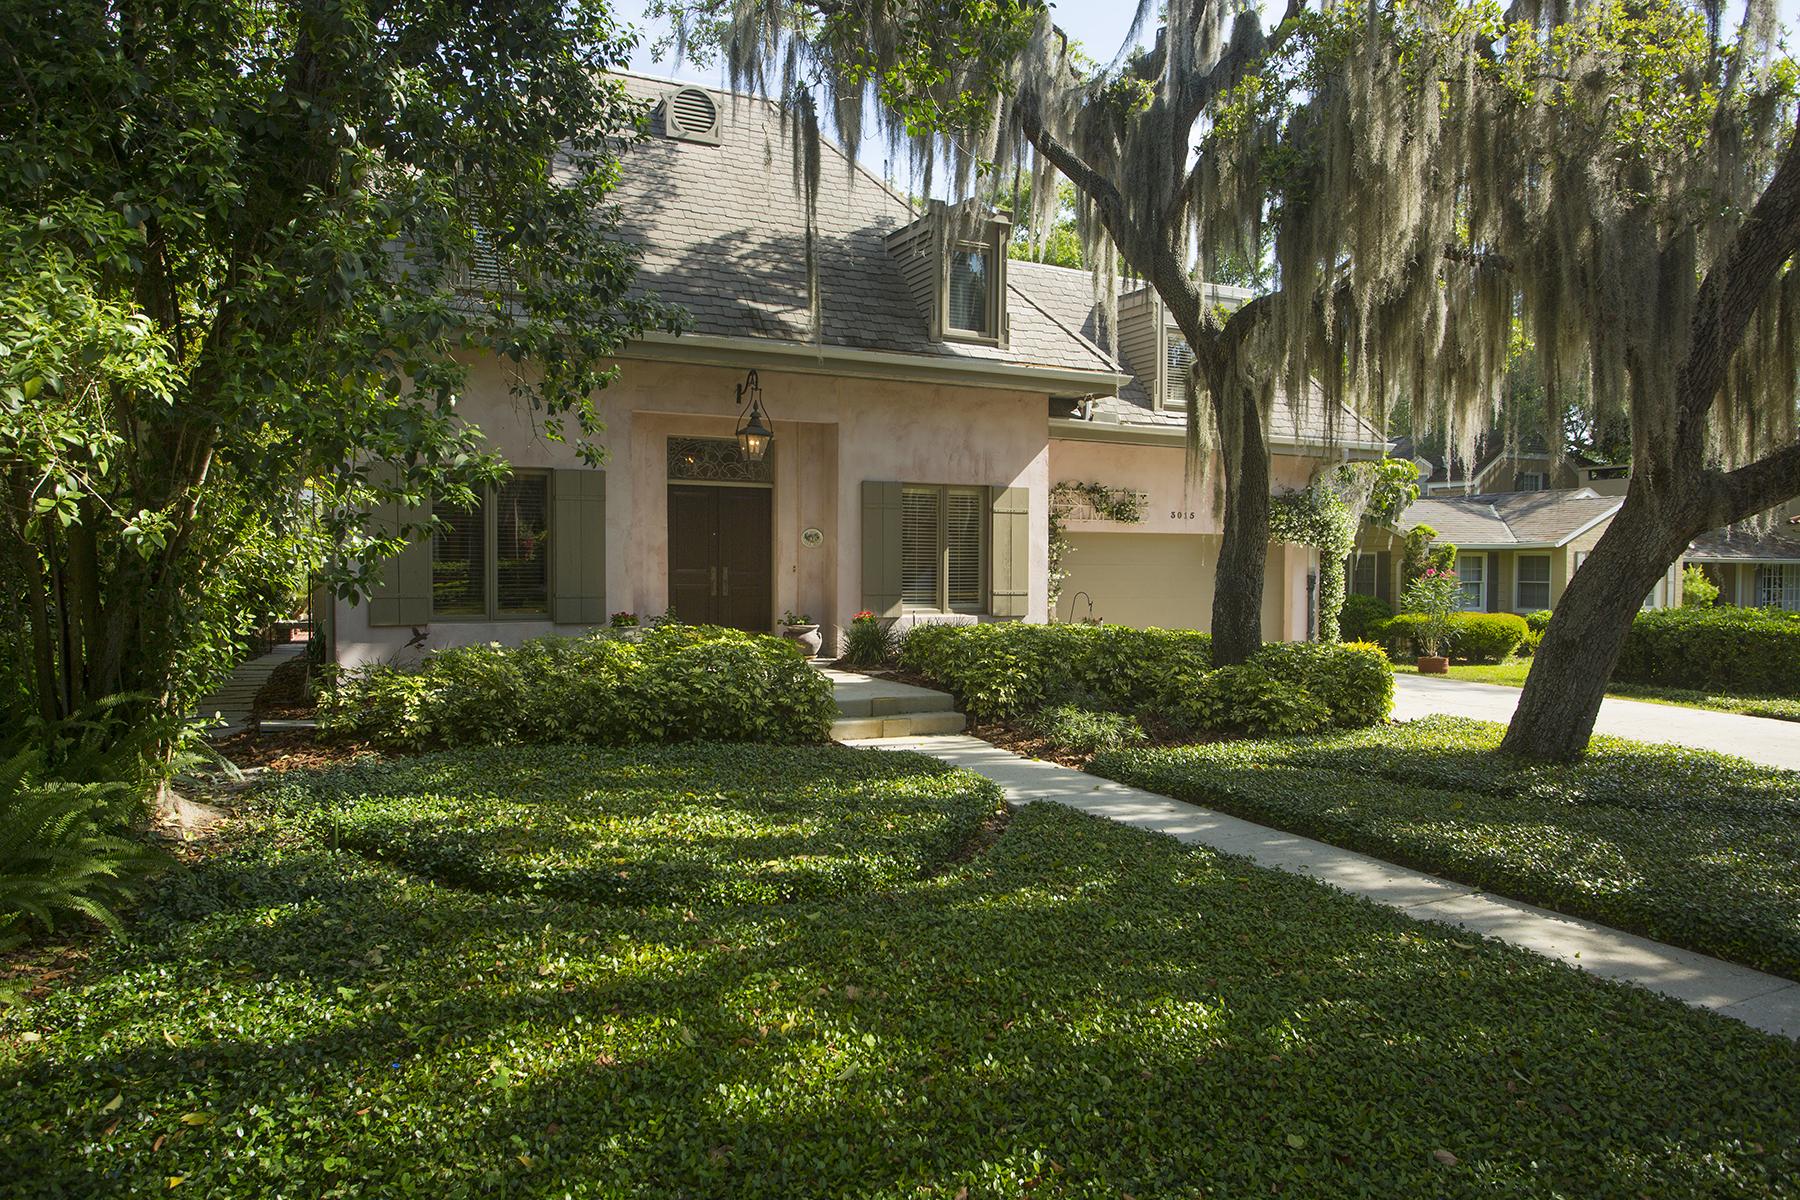 Tek Ailelik Ev için Satış at SOUTH TAMPA 3015 W Villa Rosa Tampa, Florida 33611 Amerika Birleşik Devletleri